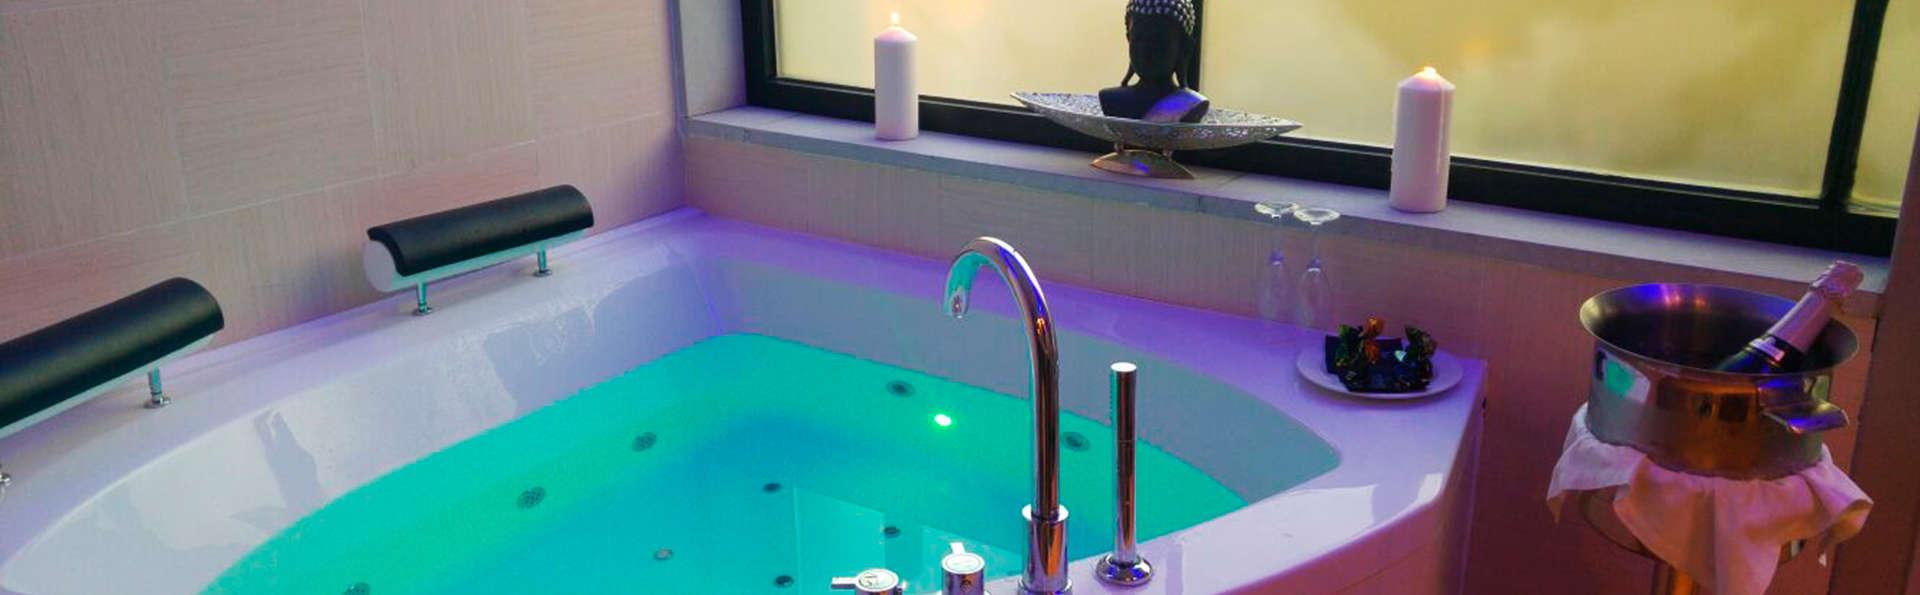 Escapadas fin de semana Relax en privado Zaragoza con acceso al spa ...